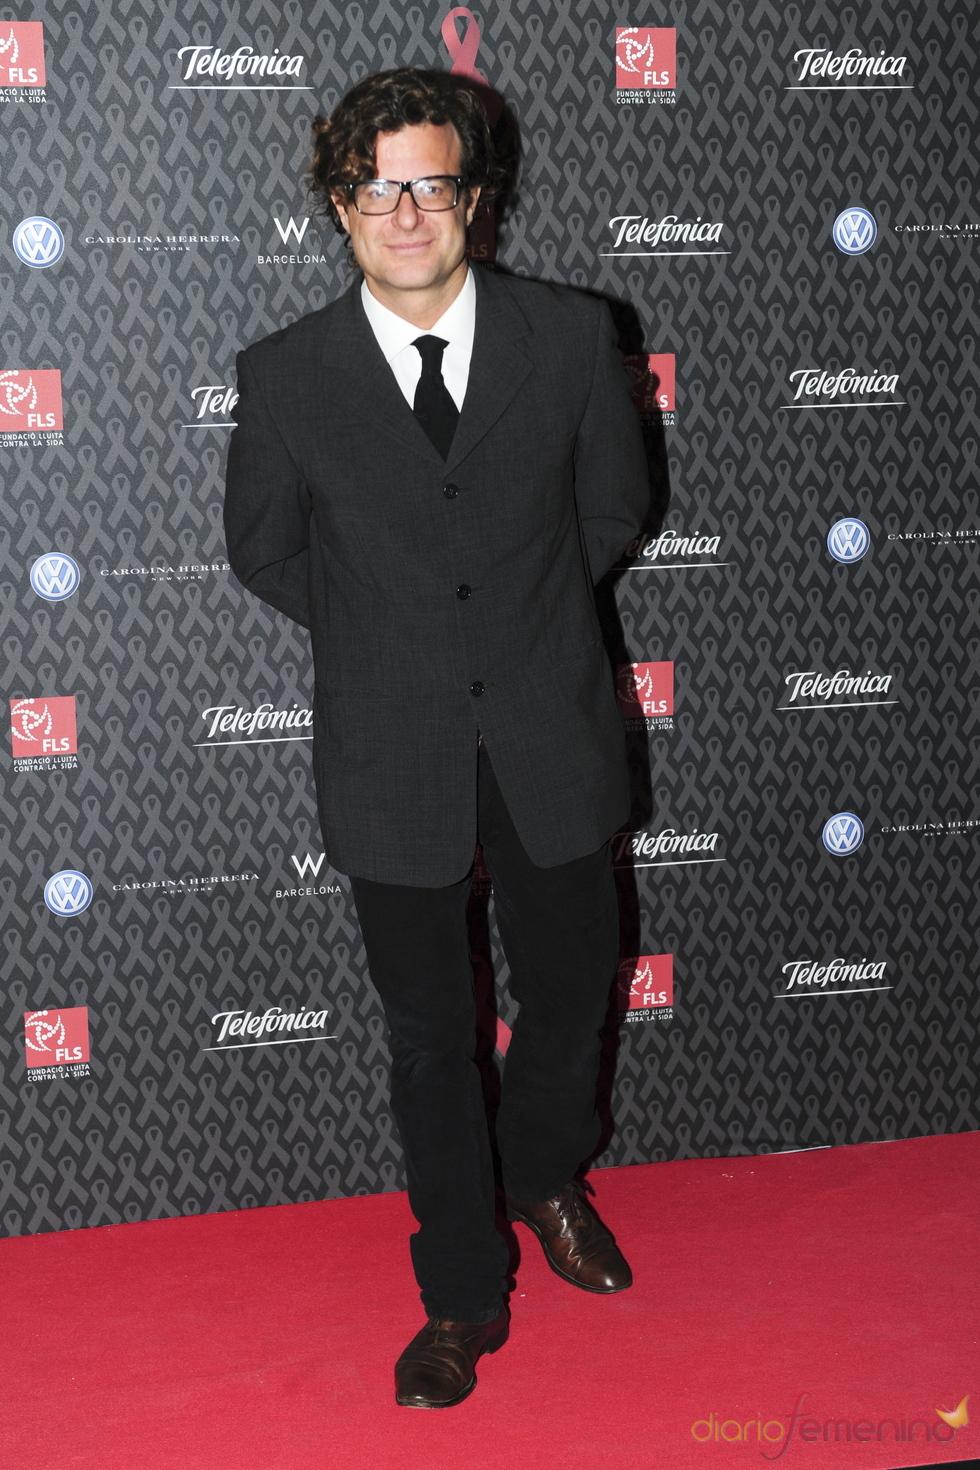 Ricardo Boffill en la gala contra el Sida 2010